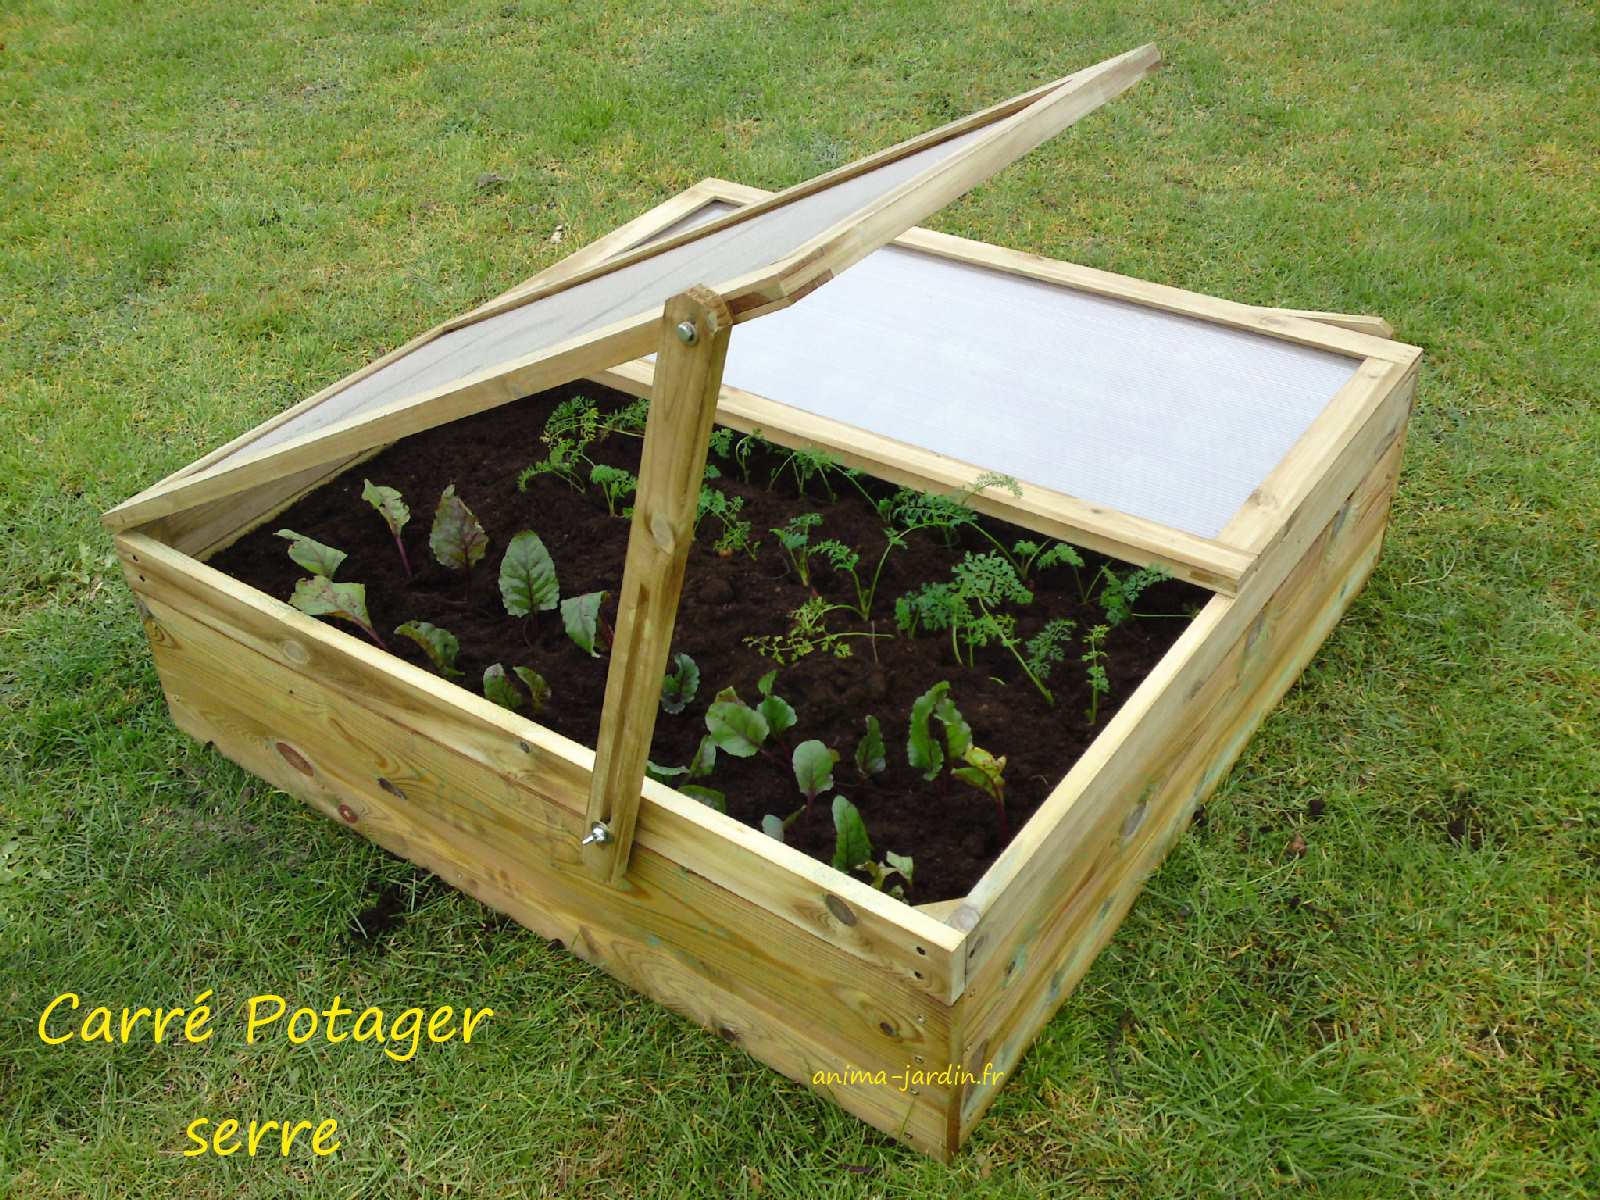 Carr potager en bois mini serre carr de jardin achat for Carre de jardin